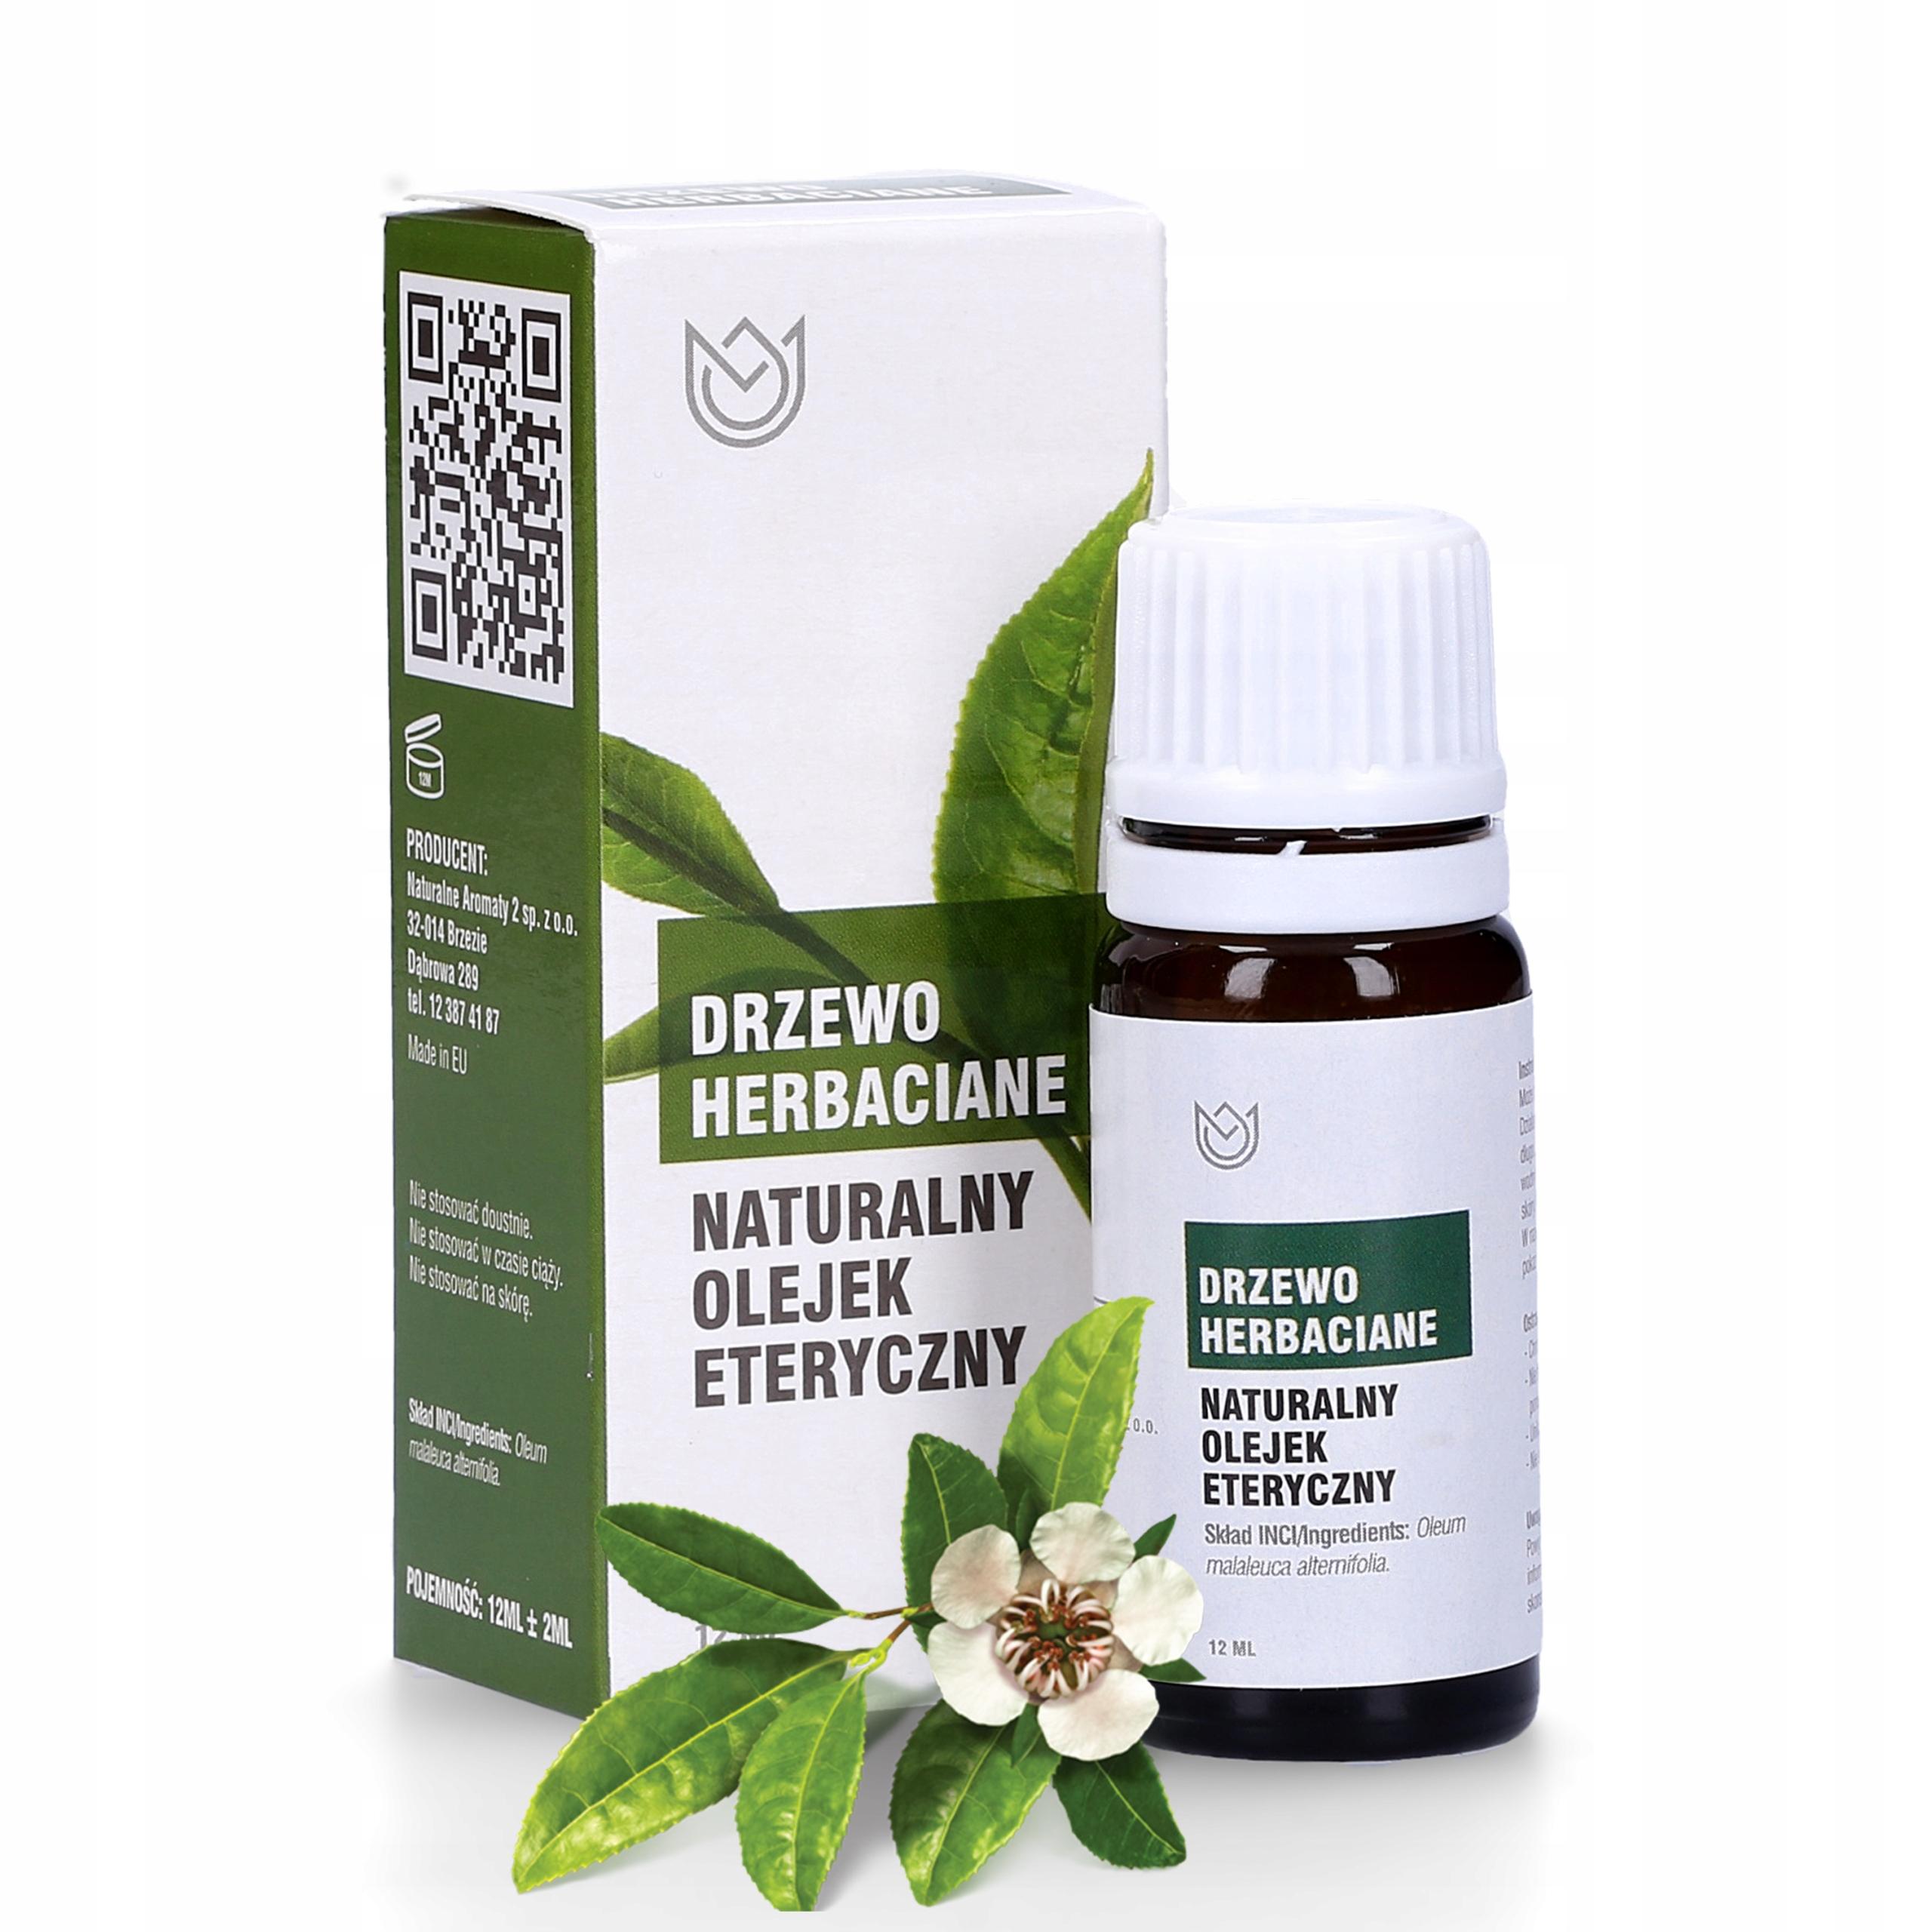 Naturalny Olejek Eteryczny Drzewo Herbaciane 12ml